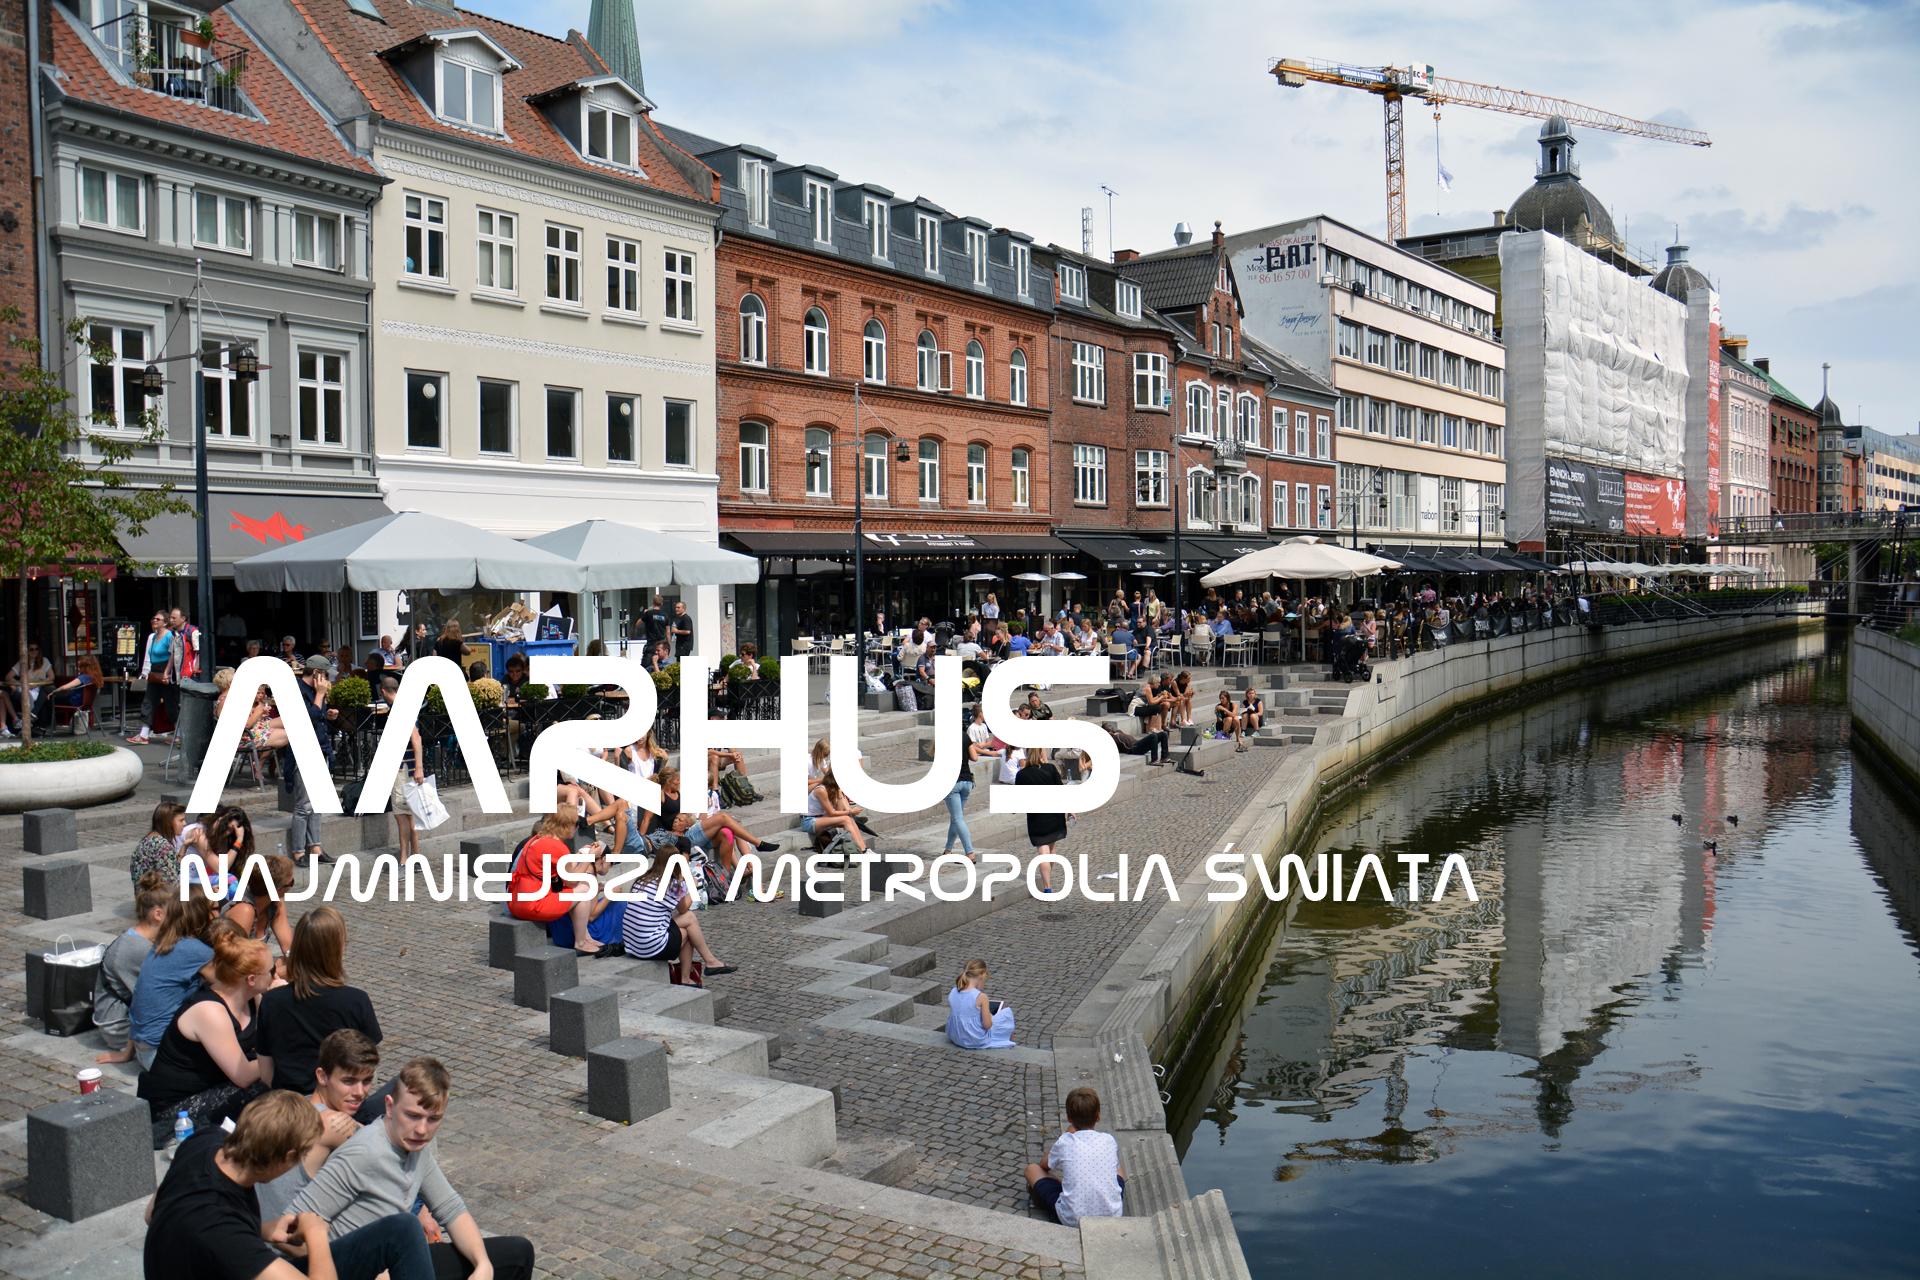 Aarhus – atrakcje turystyczne najmniejszej metropolii świata